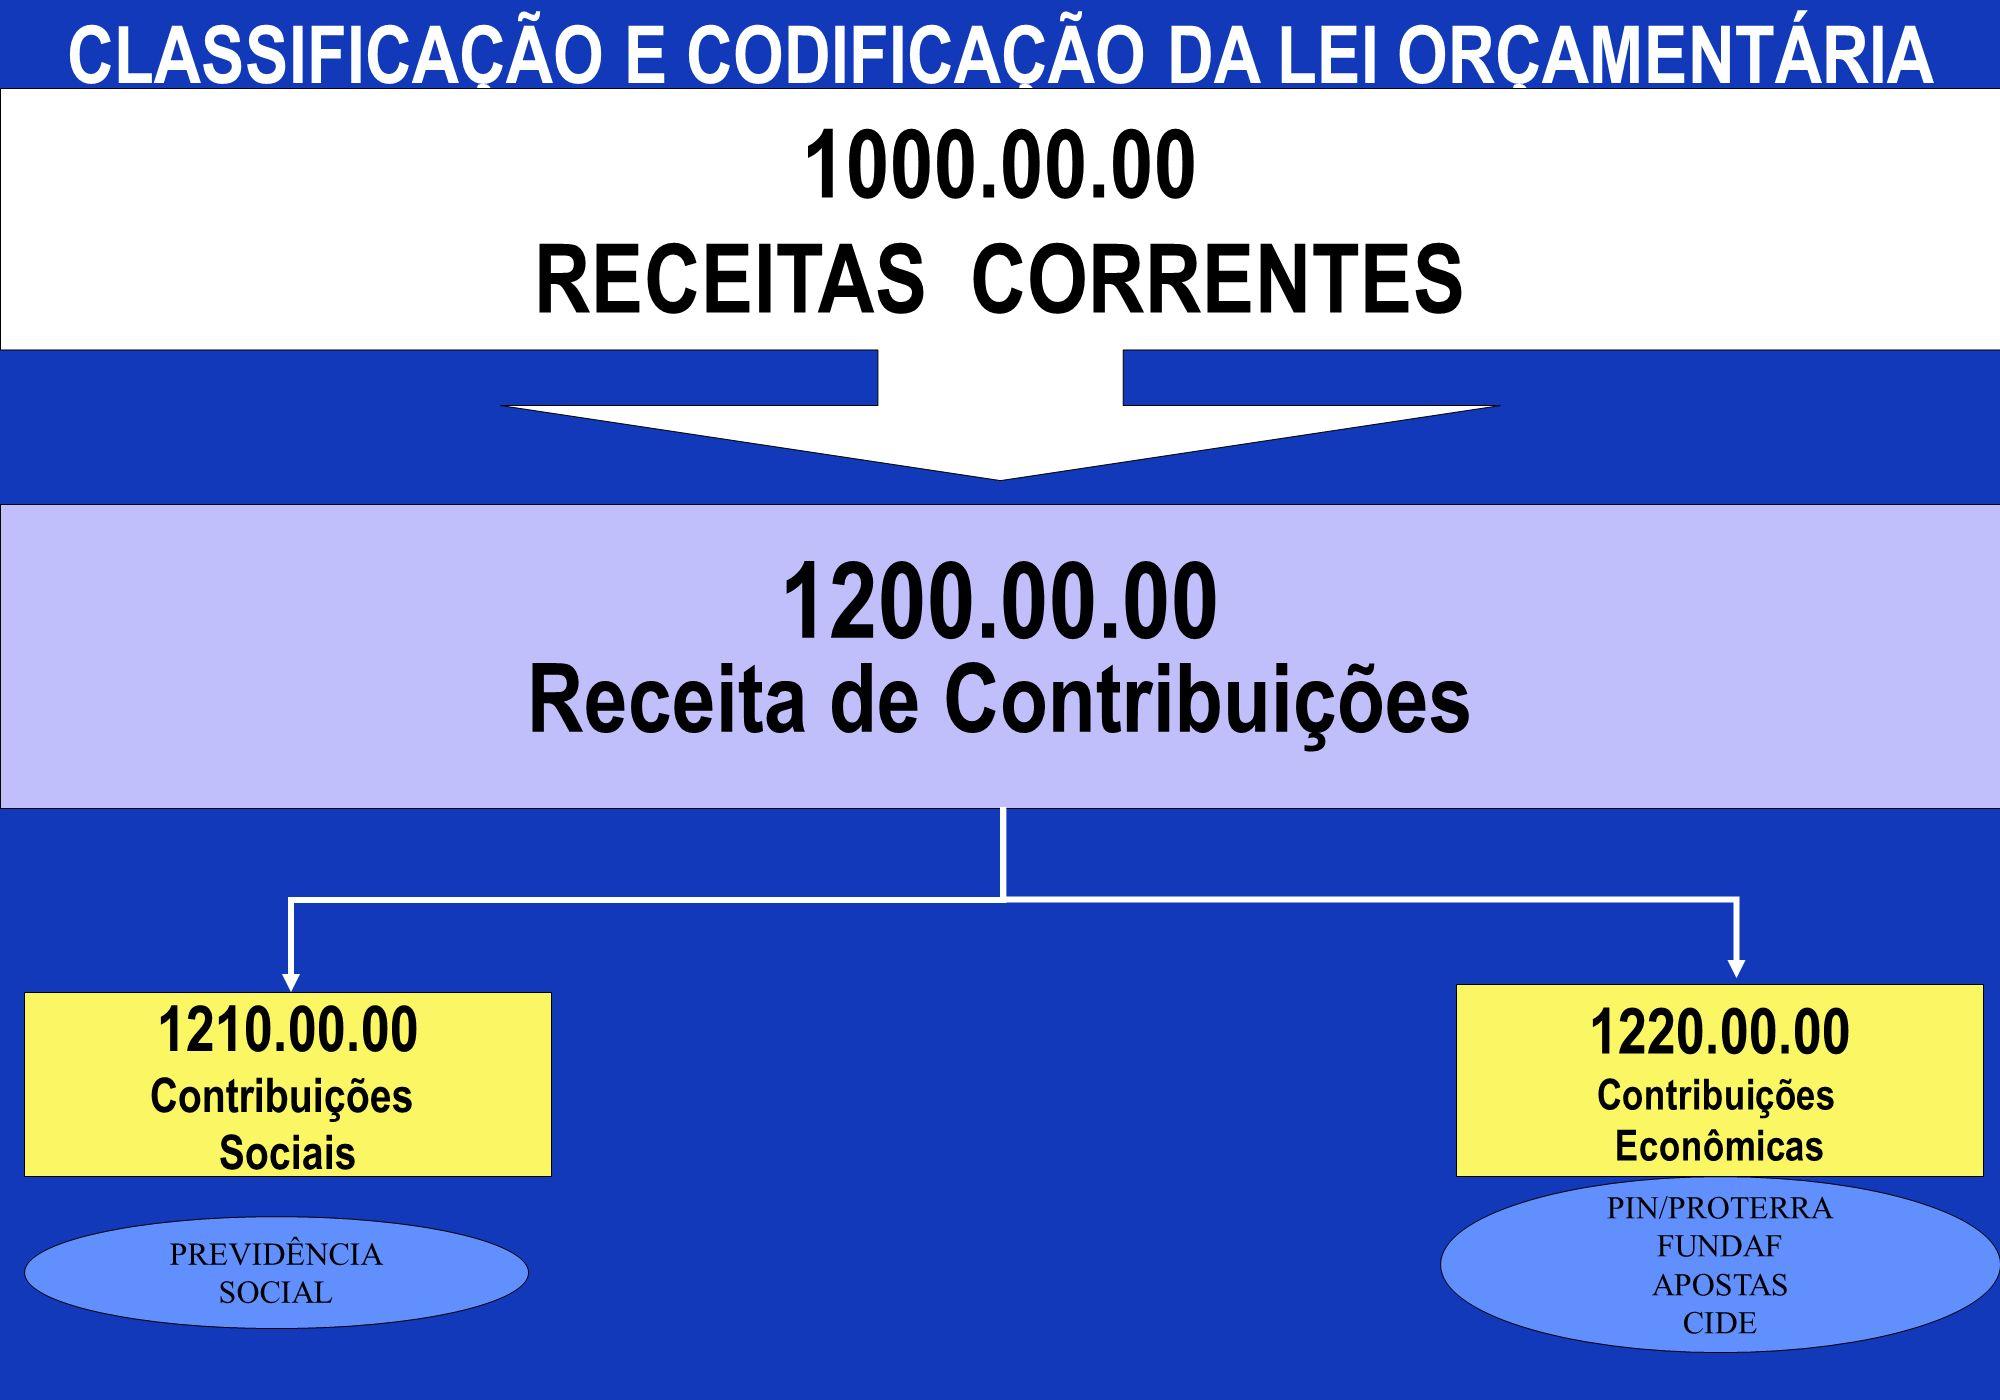 1200.00.00 1000.00.00 RECEITAS CORRENTES Receita de Contribuições